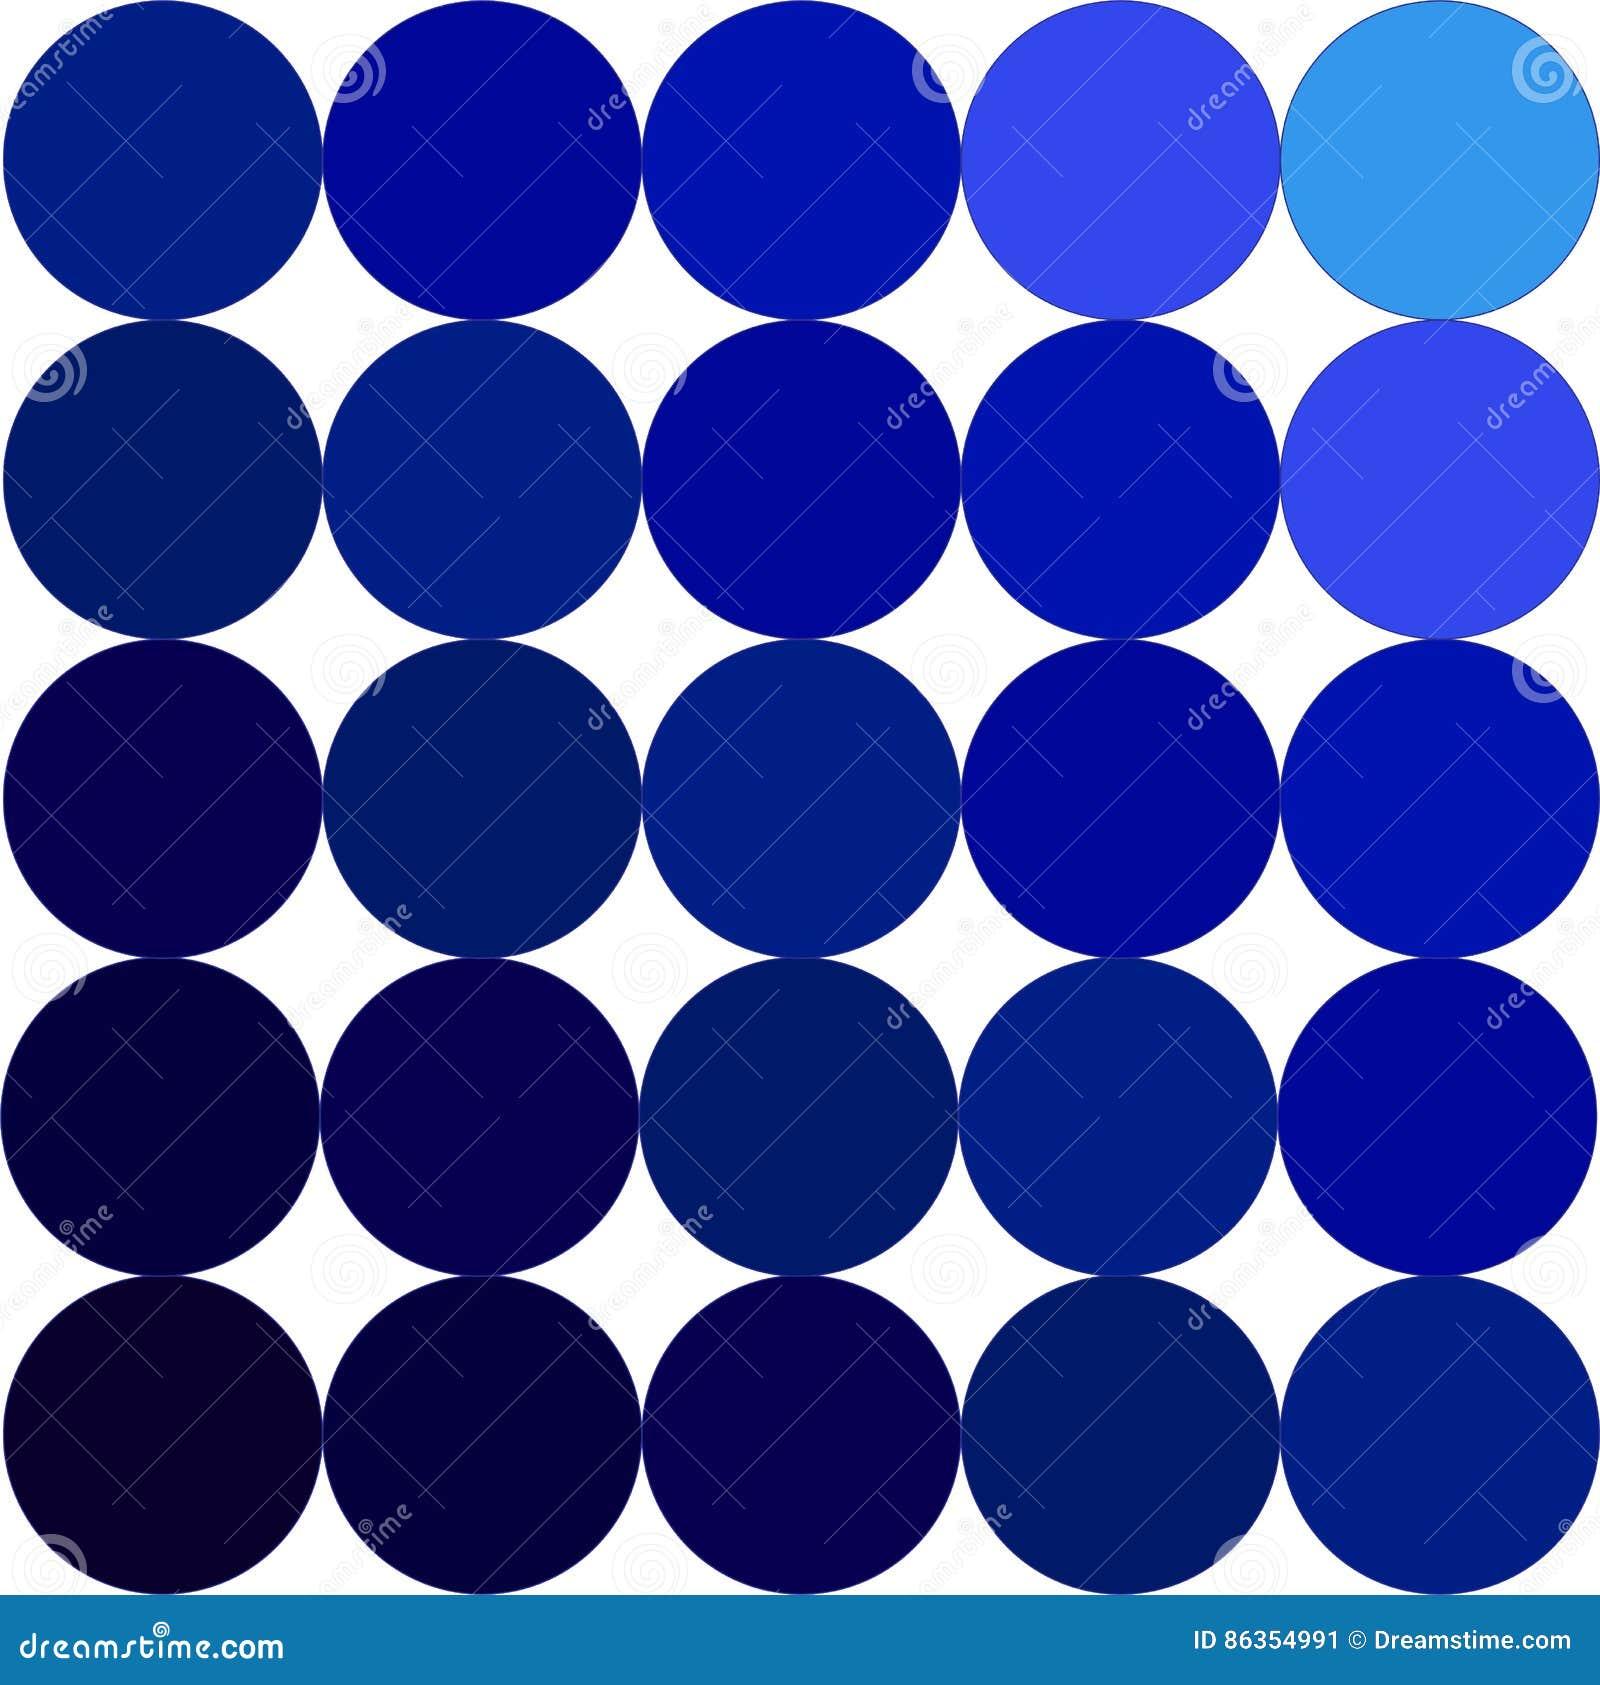 Gama De Colores Azul Stock De Ilustracion Ilustracion De Circulos - Gama-de-azul